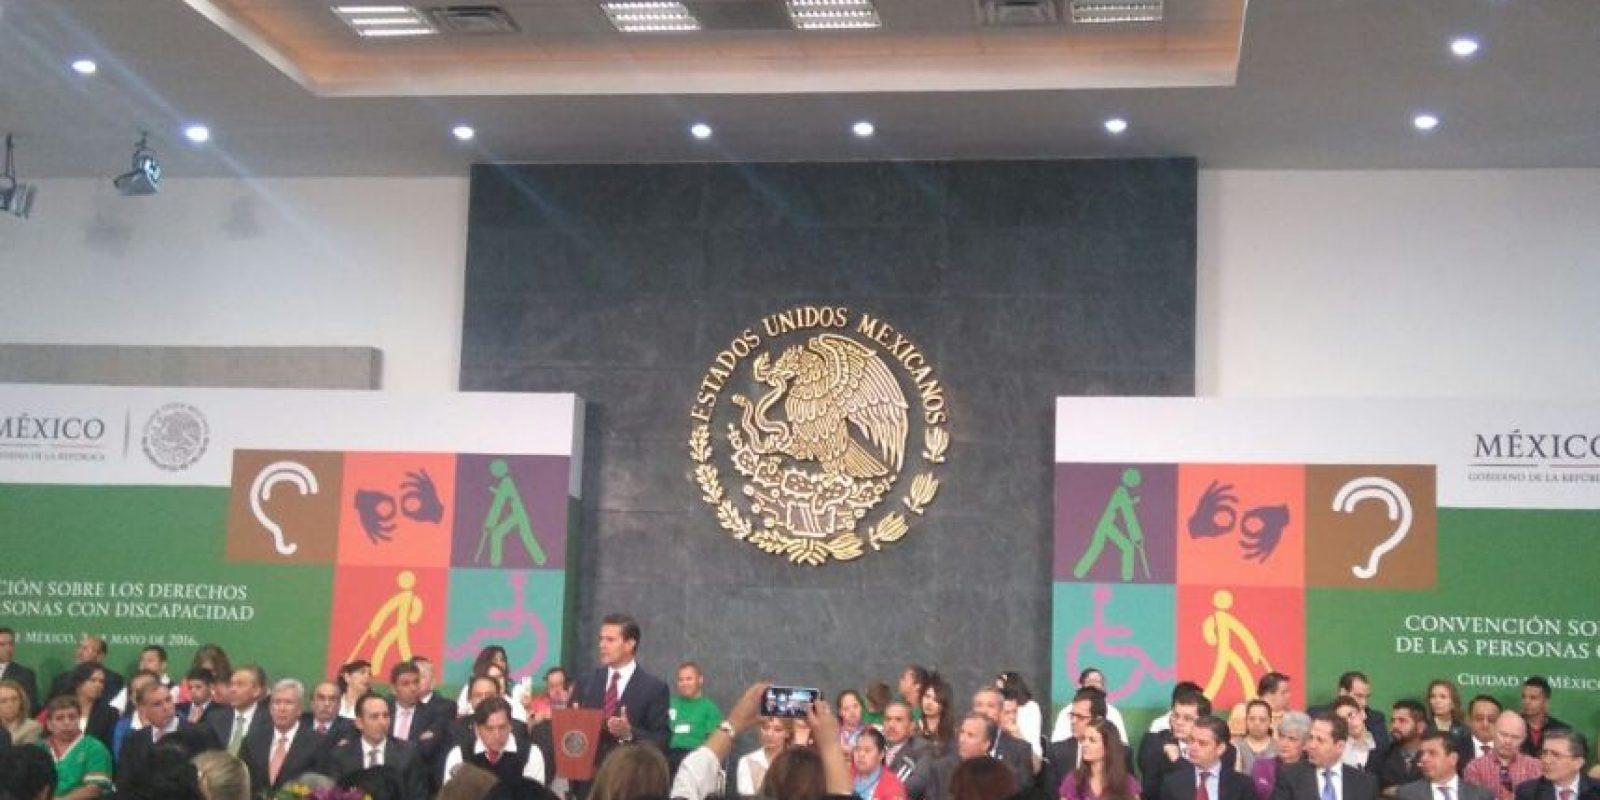 El presidente estuvo en la instalación del Sistema Nacional para la Inclusión y Desarrollo de Personas con Discapacidad Foto:Valentina González